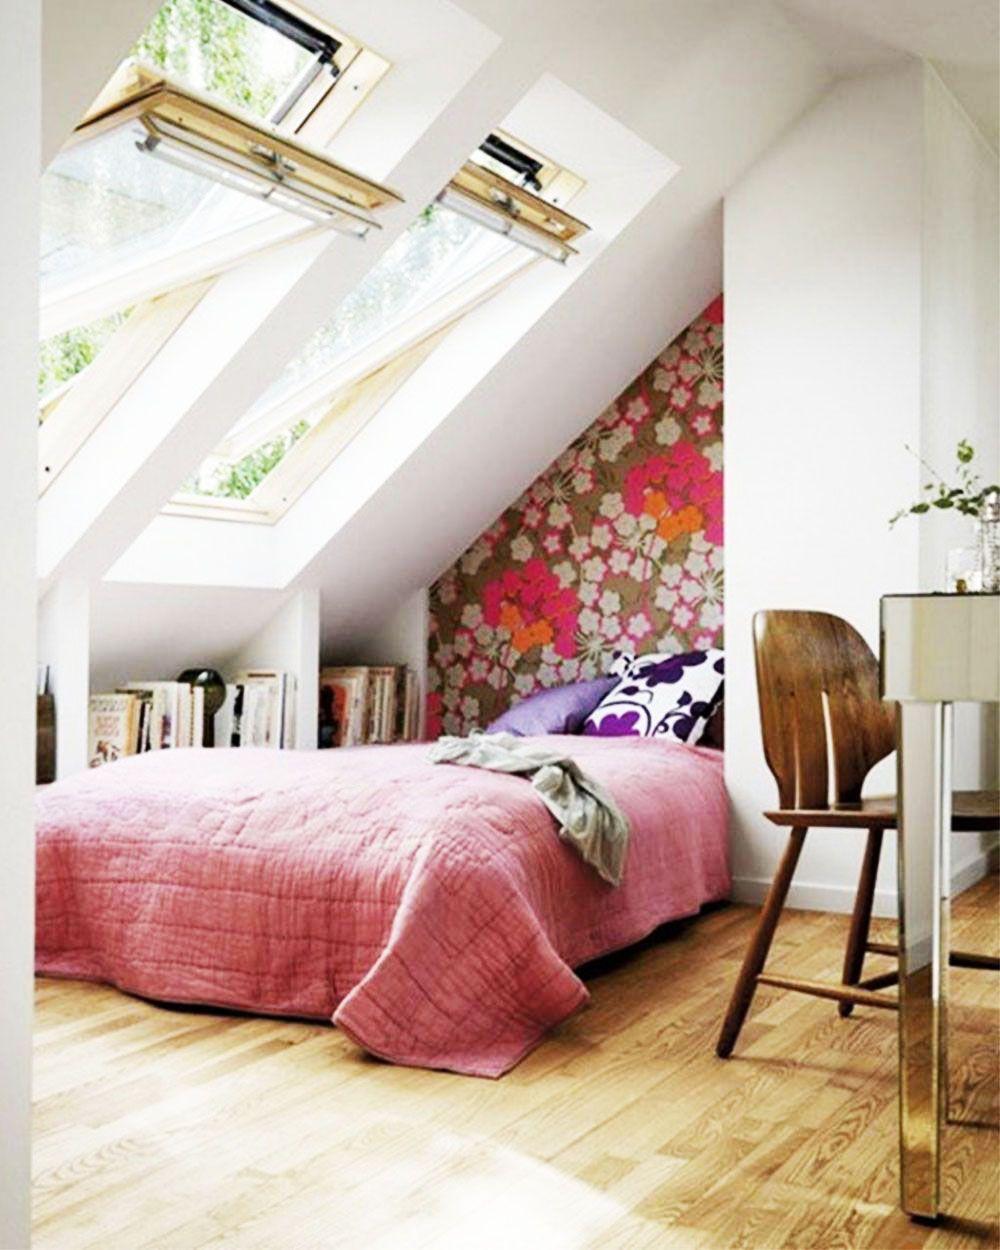 Jendela Kamar Tidur Rumah Minimalis Desain Atapjpg 10001250